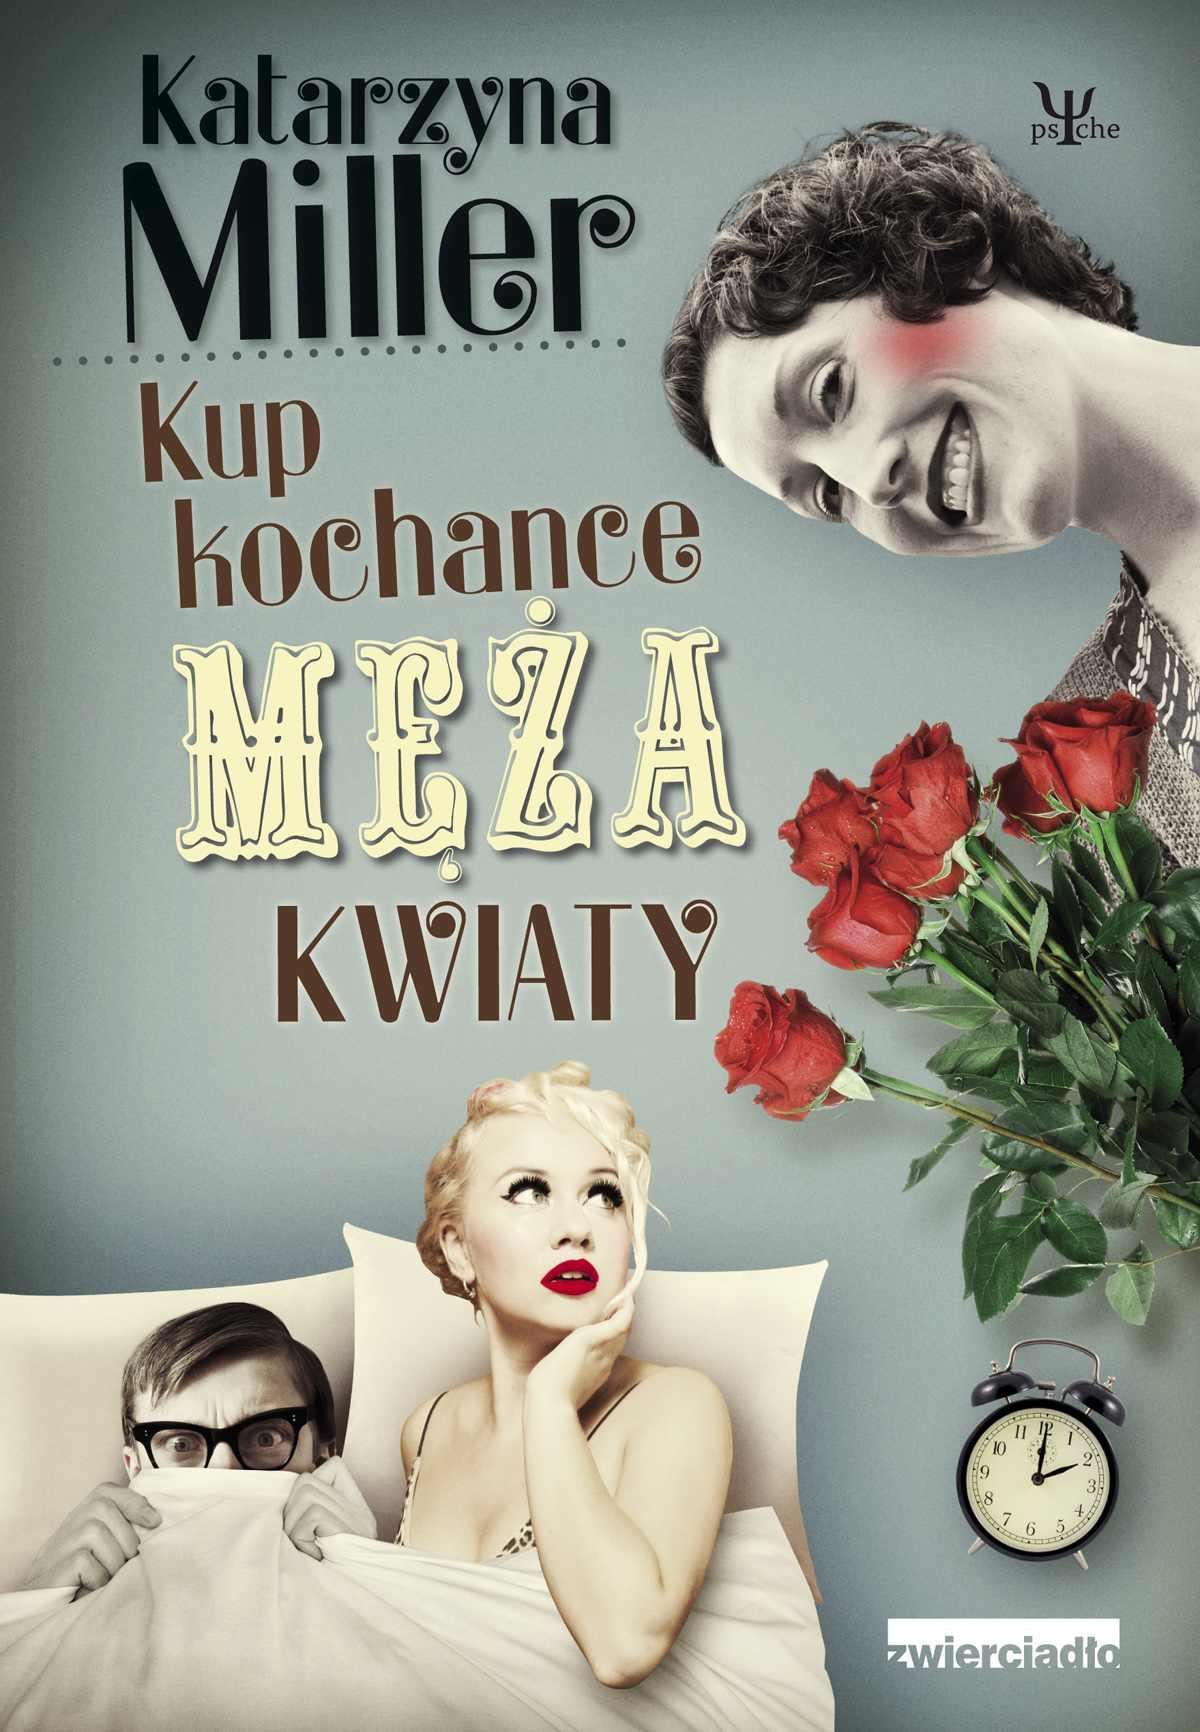 Kup kochance męża kwiaty - Ebook (Książka na Kindle) do pobrania w formacie MOBI